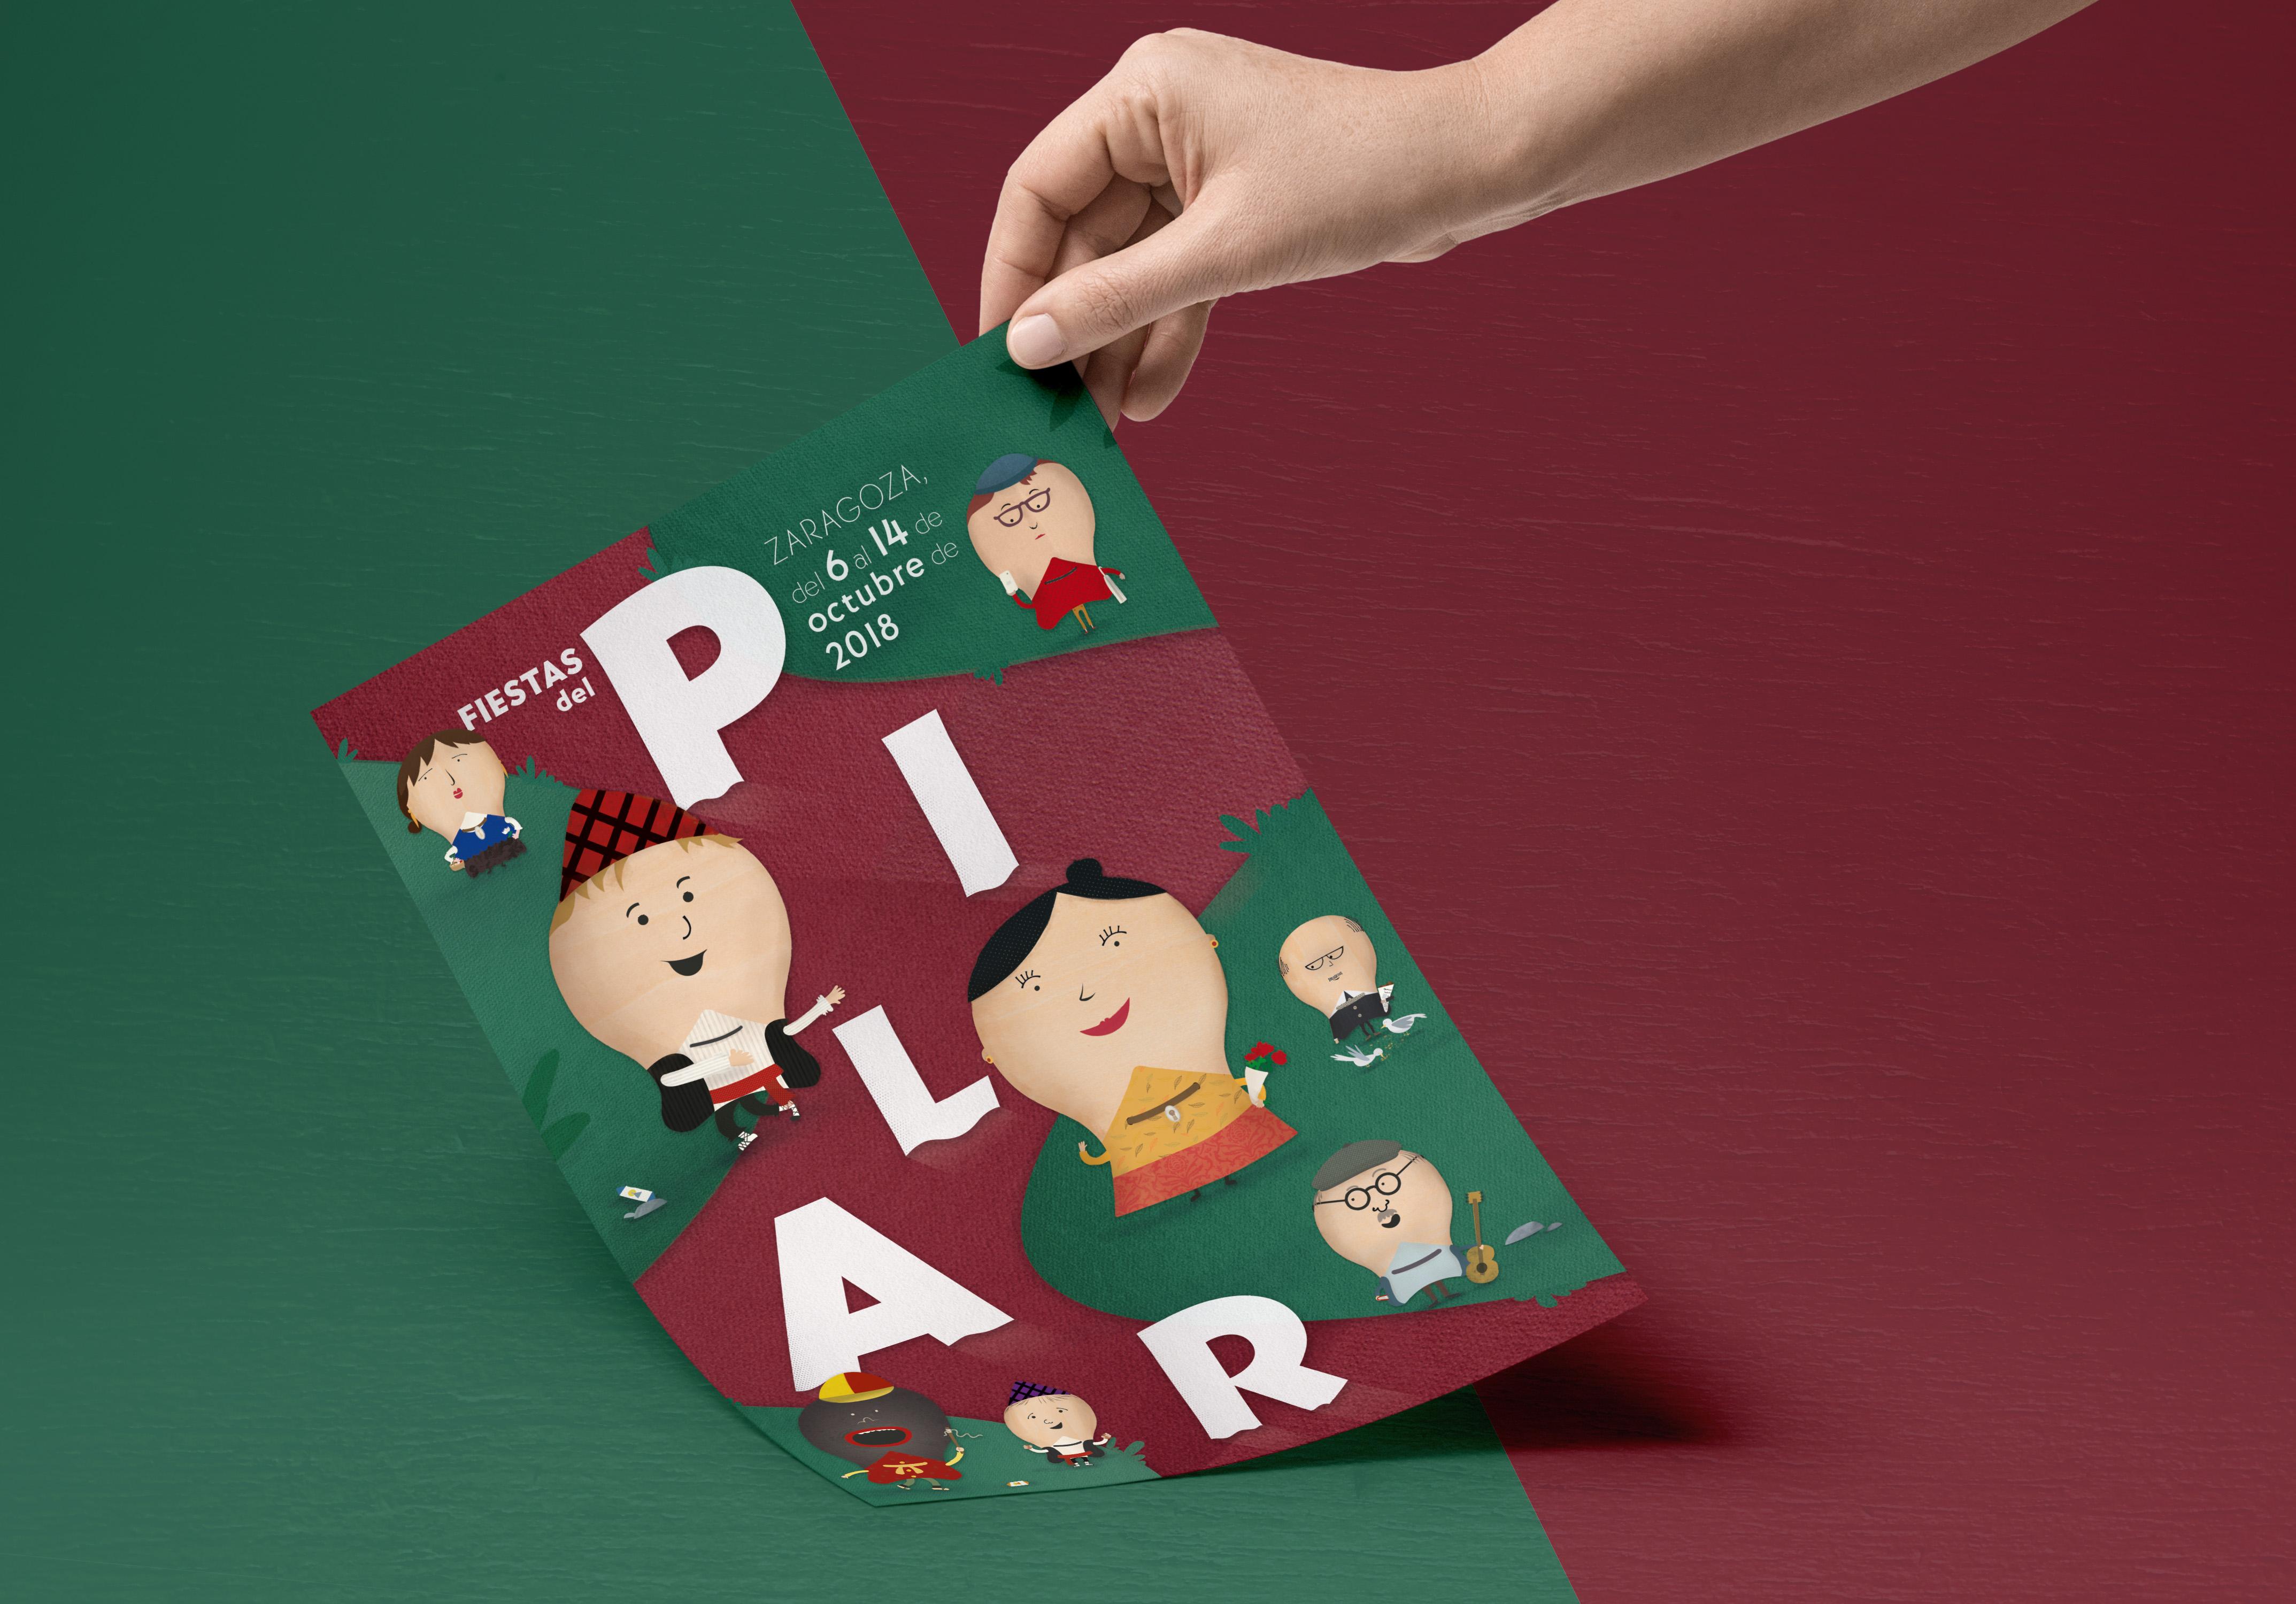 Diseño del cartel Fiestas del Pilar 2018 Zaragoza por Fernando Sanchez - Conmisojos